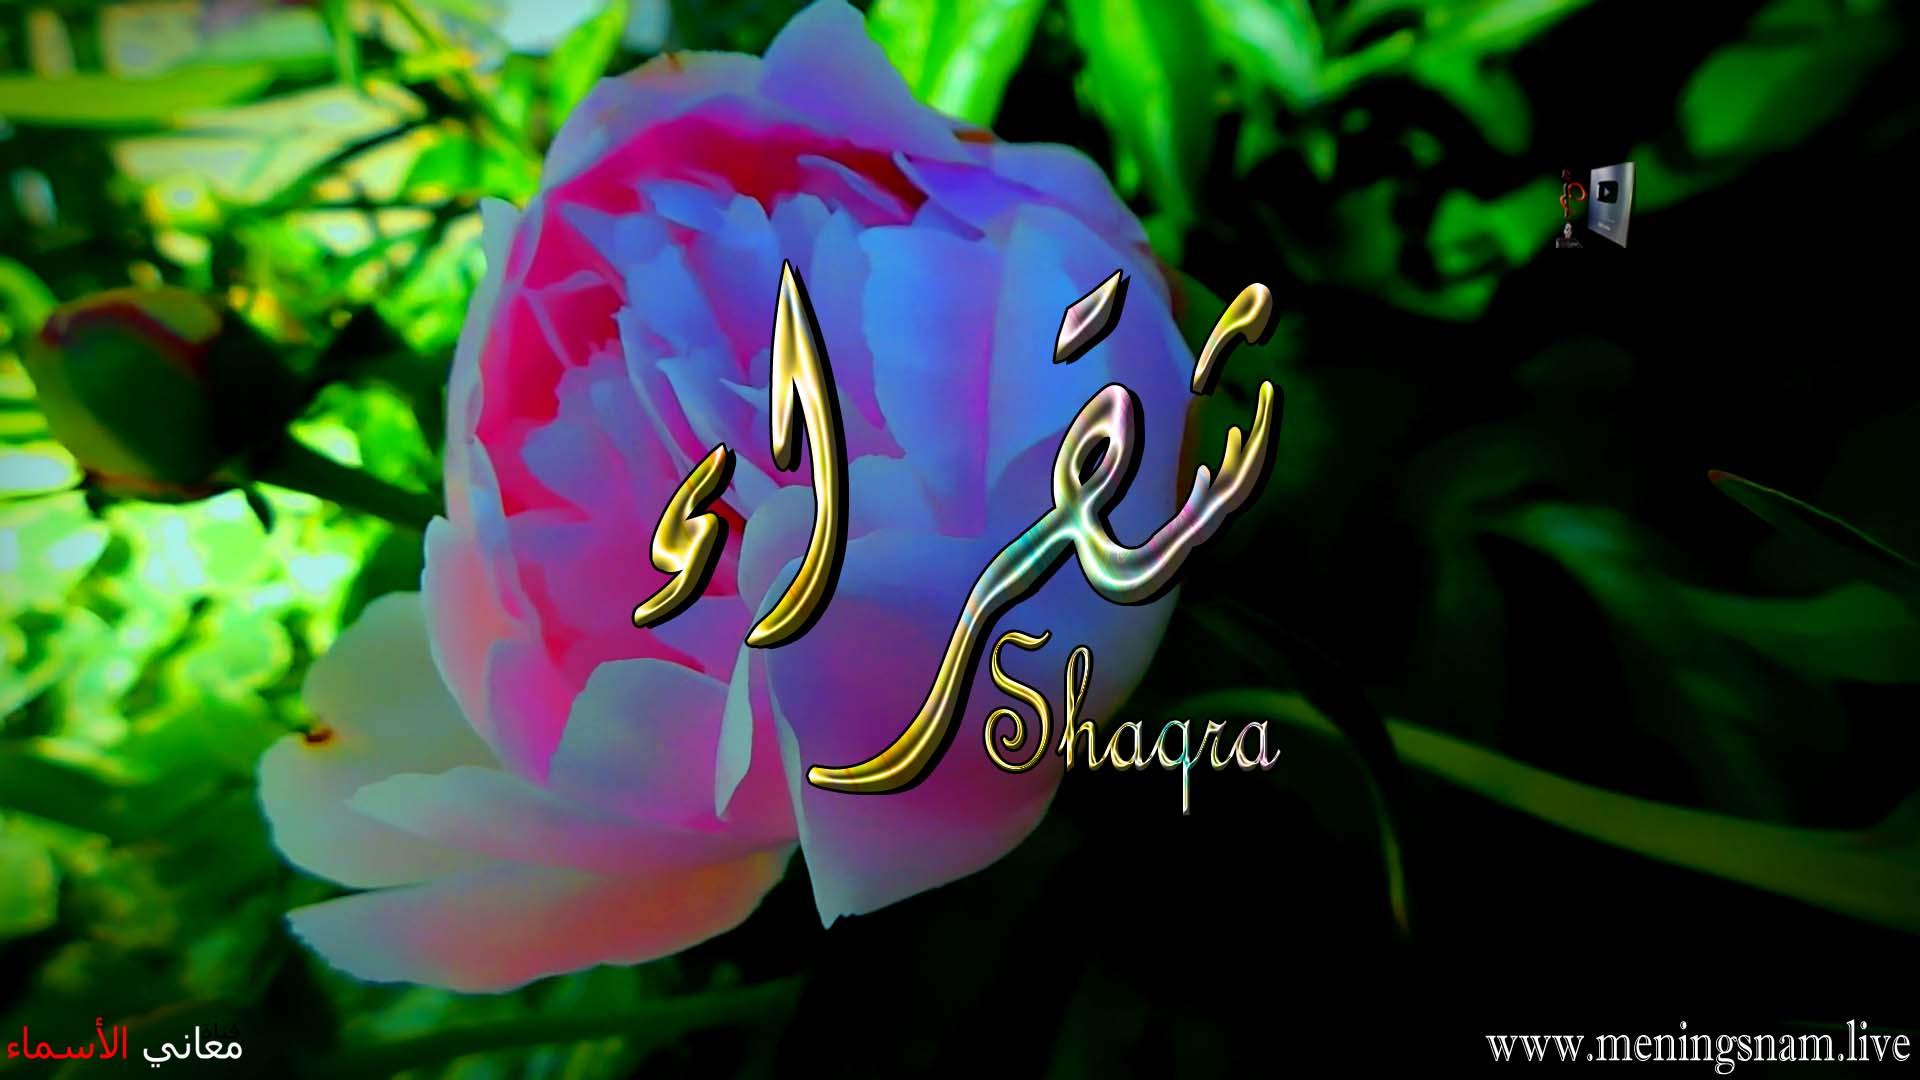 معنى اسم شقراء وصفات حاملة هذا الاسم Shaqra